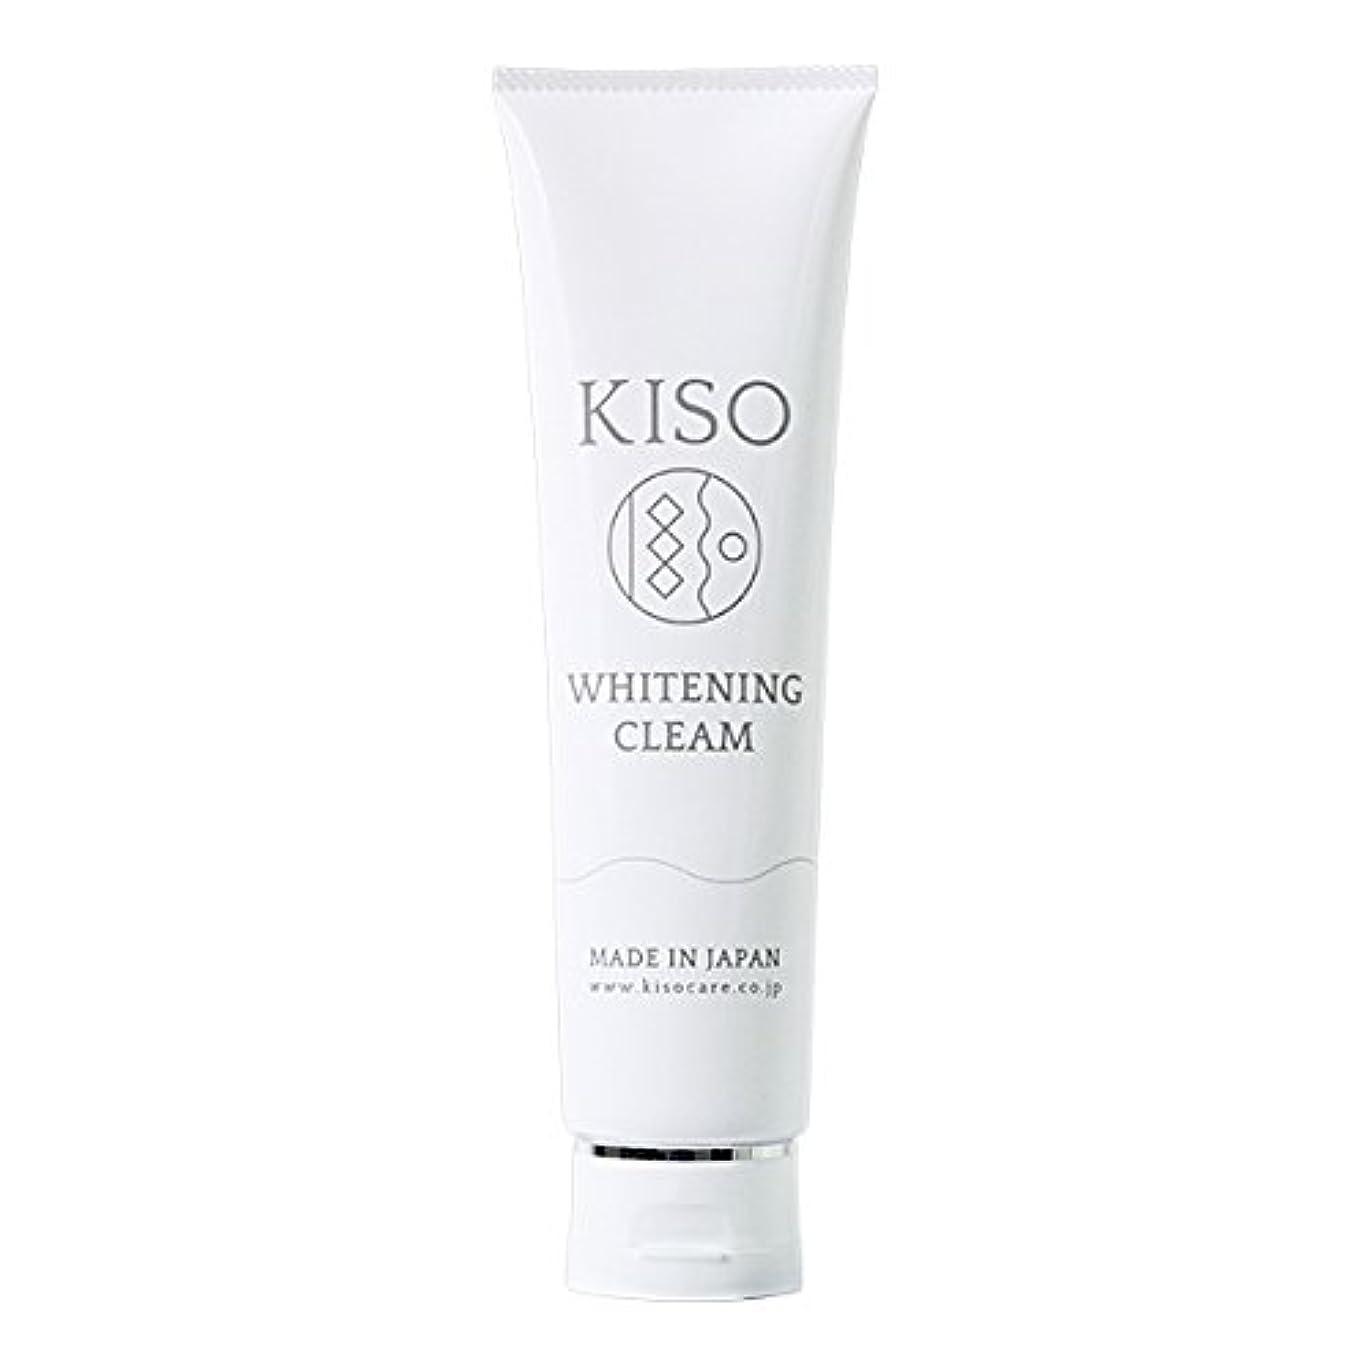 植物のガウンキャンパス【KISO 薬用 ホワイトニング クリーム 150g】 【医薬部外品】トラネキサム酸2%配合クリーム。